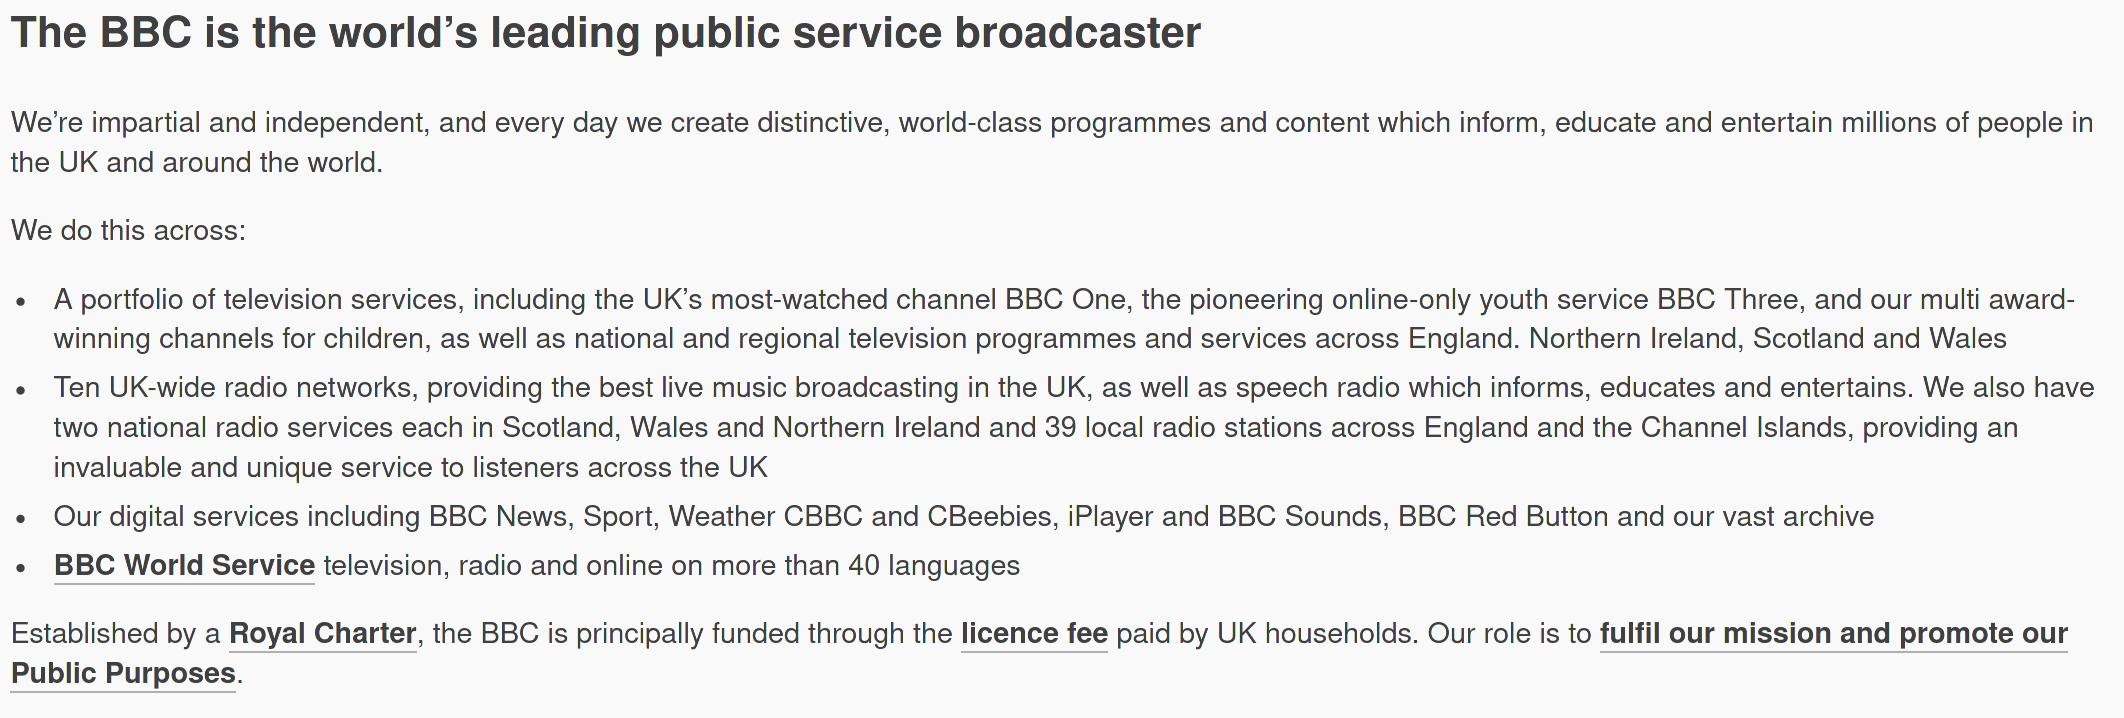 BBC information, part 1